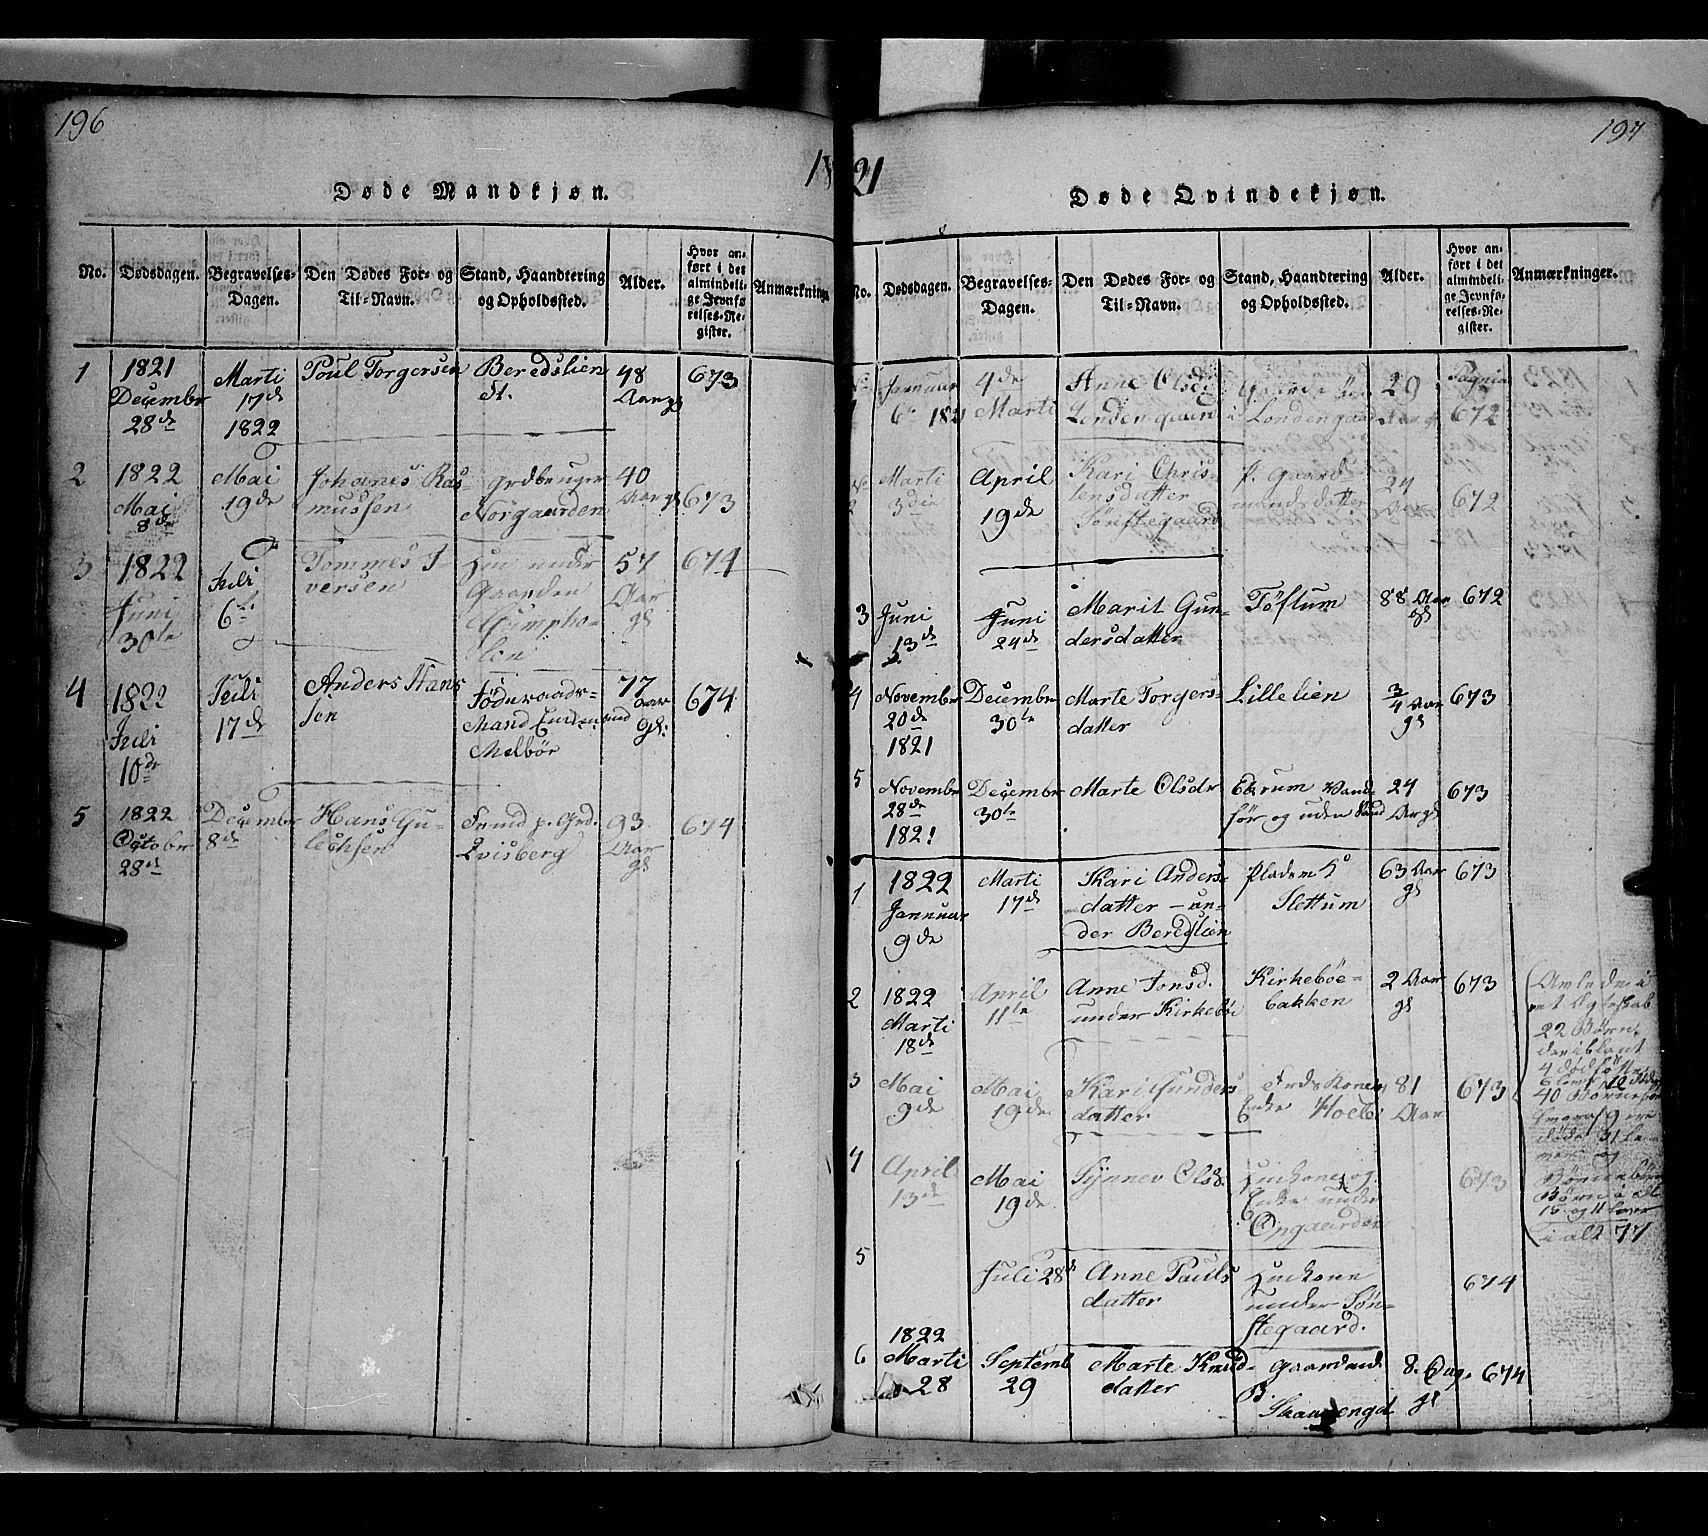 SAH, Gausdal prestekontor, Klokkerbok nr. 2, 1818-1874, s. 196-197